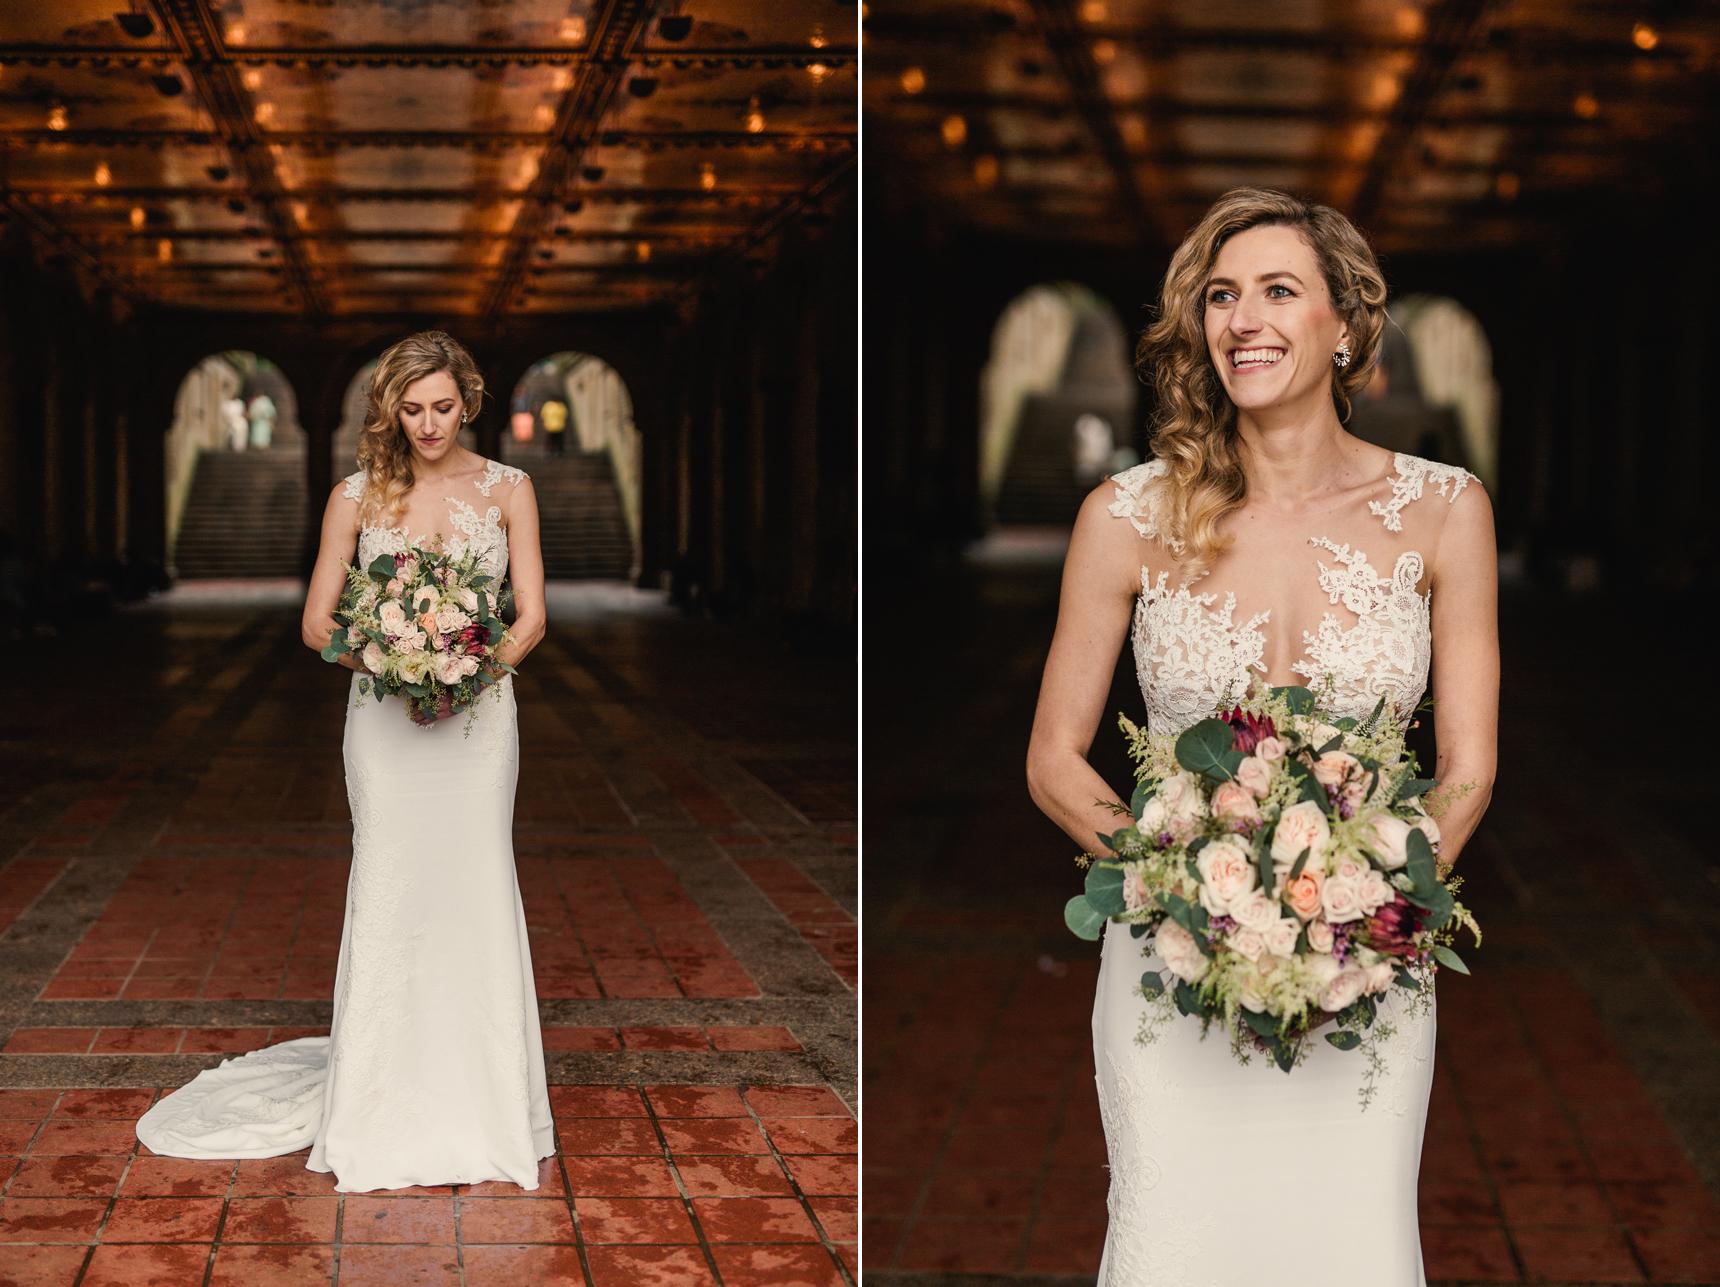 Jory_LoebBoathouse_CentralPark_NewYork_WeddingPhotographer068.jpg